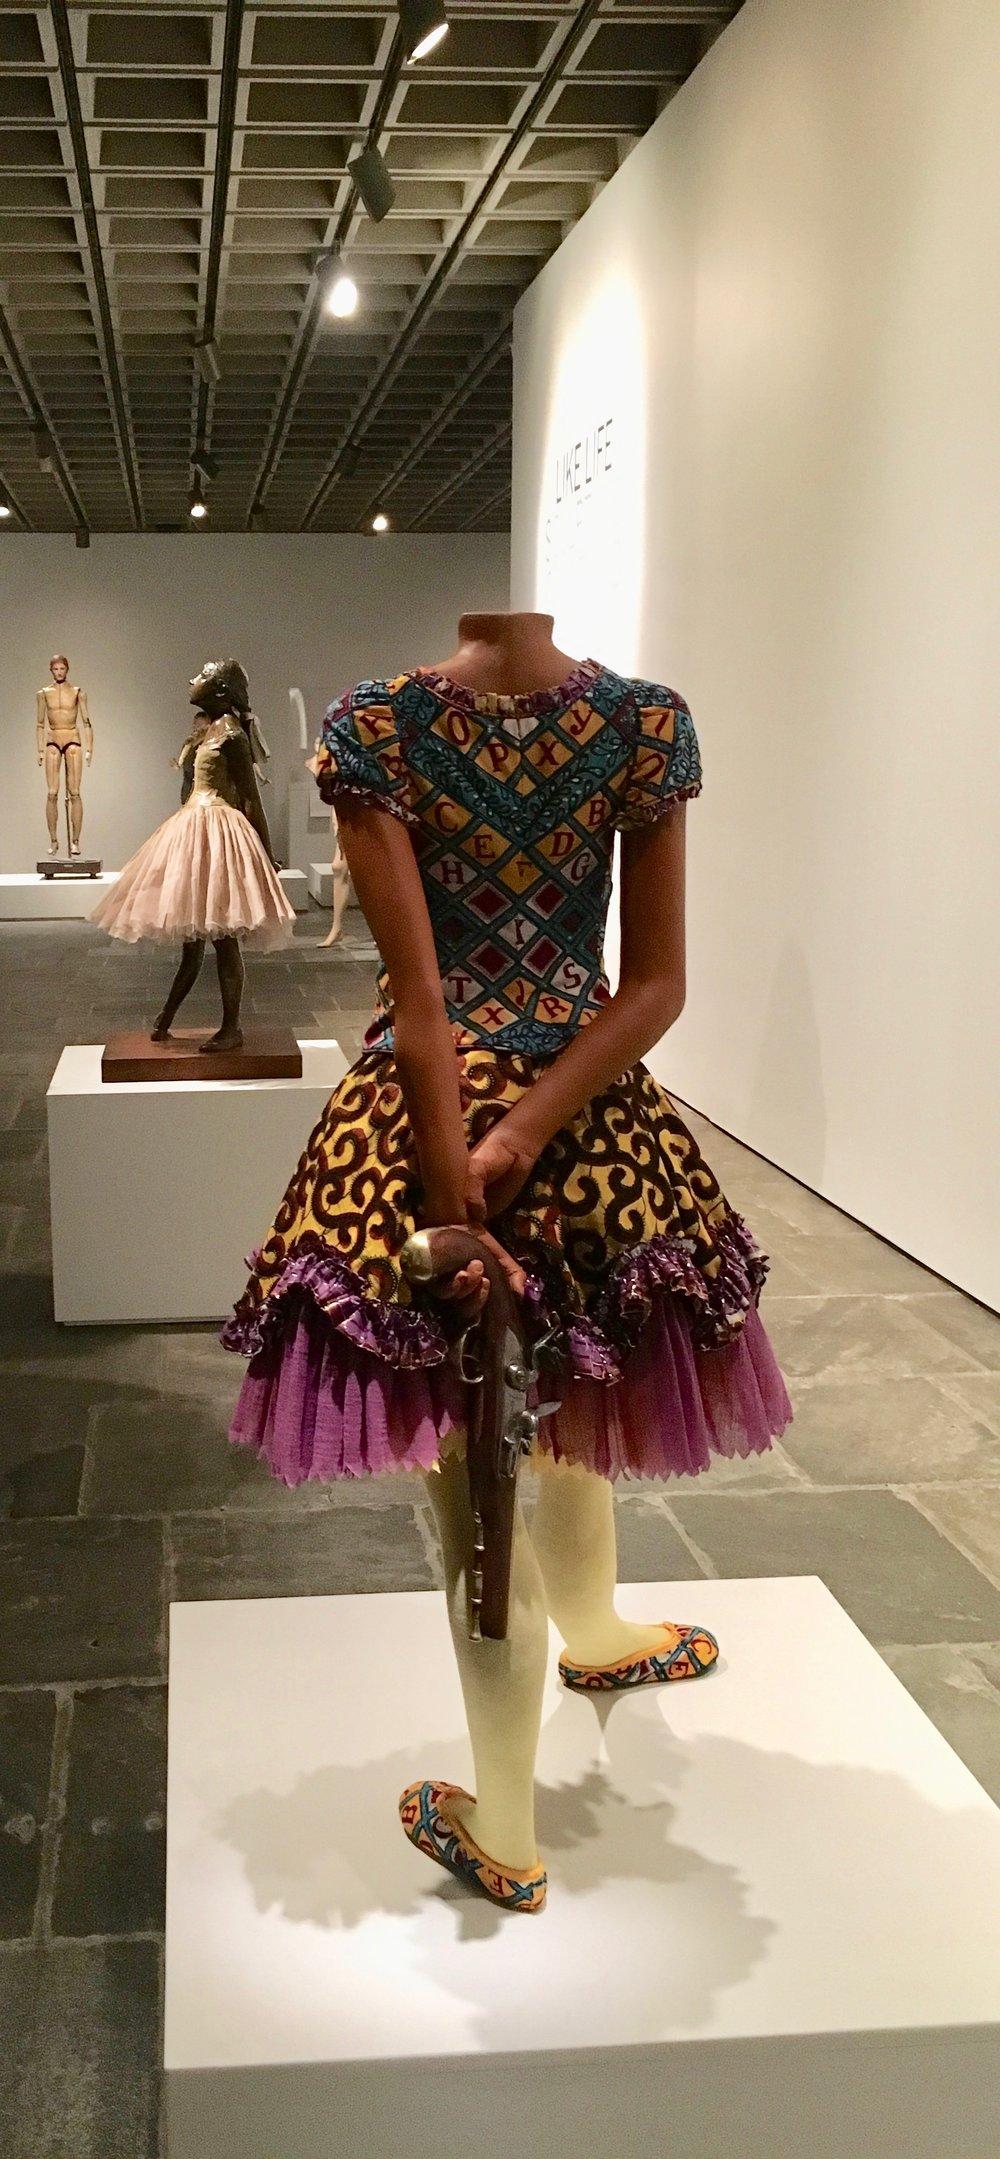 """Yinka Shonibare MBE's """"Girl Ballerina"""" (2007) stalks Edgar Degas's famous bronze """"Little Fourteen-Year-Old Dancer"""" (1881)."""